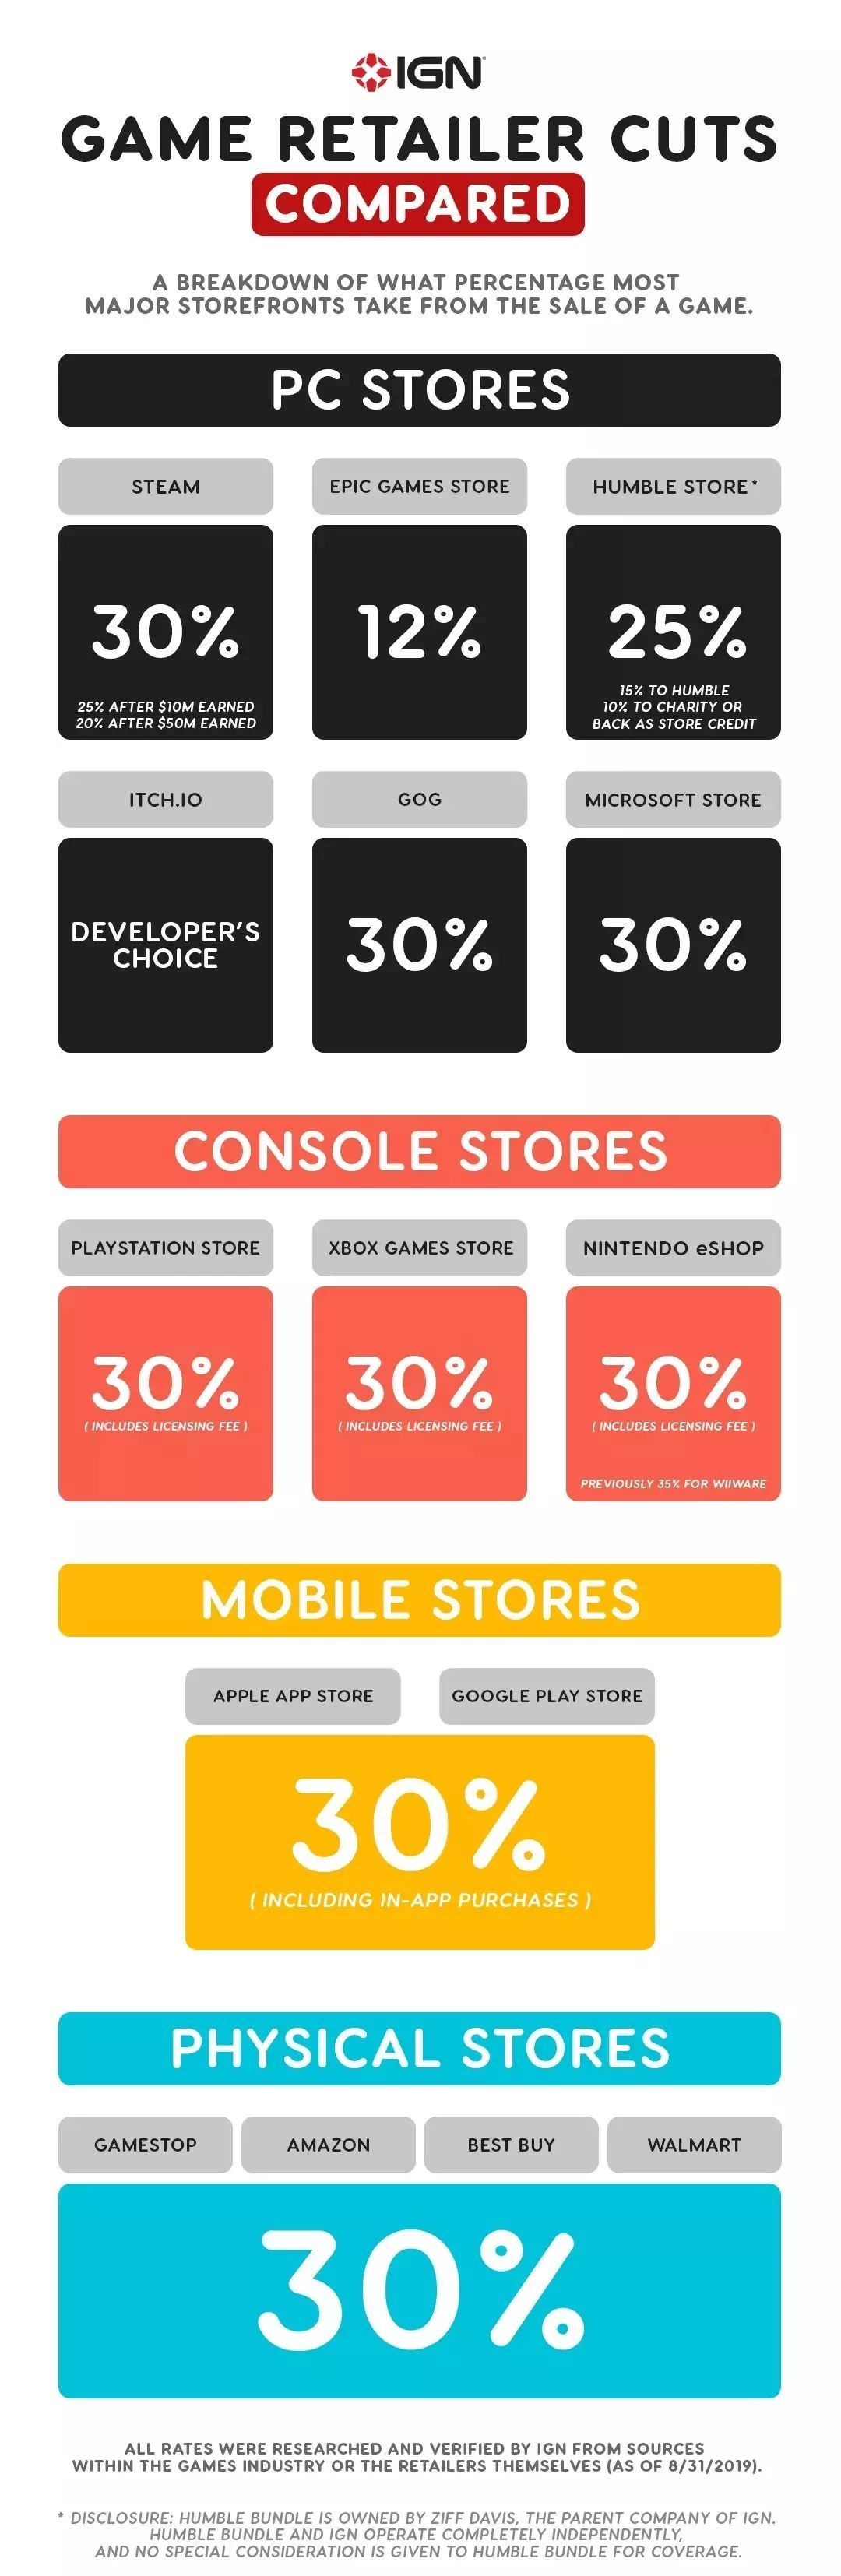 IGN:Steam30%分成实际上是行业标准!自走棋真香打脸~育碧喜加一!索尼/PUBG/死亡搁浅/手游全球收入排行